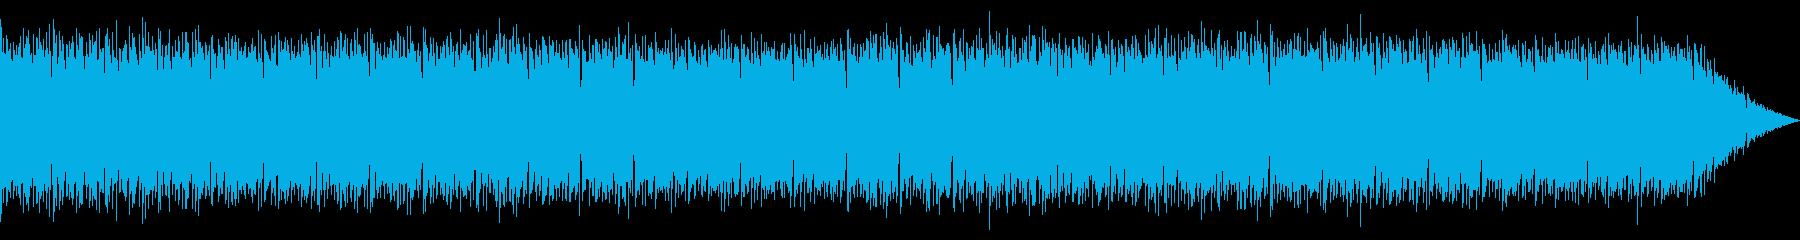 心が落ち着くケルト音楽の再生済みの波形